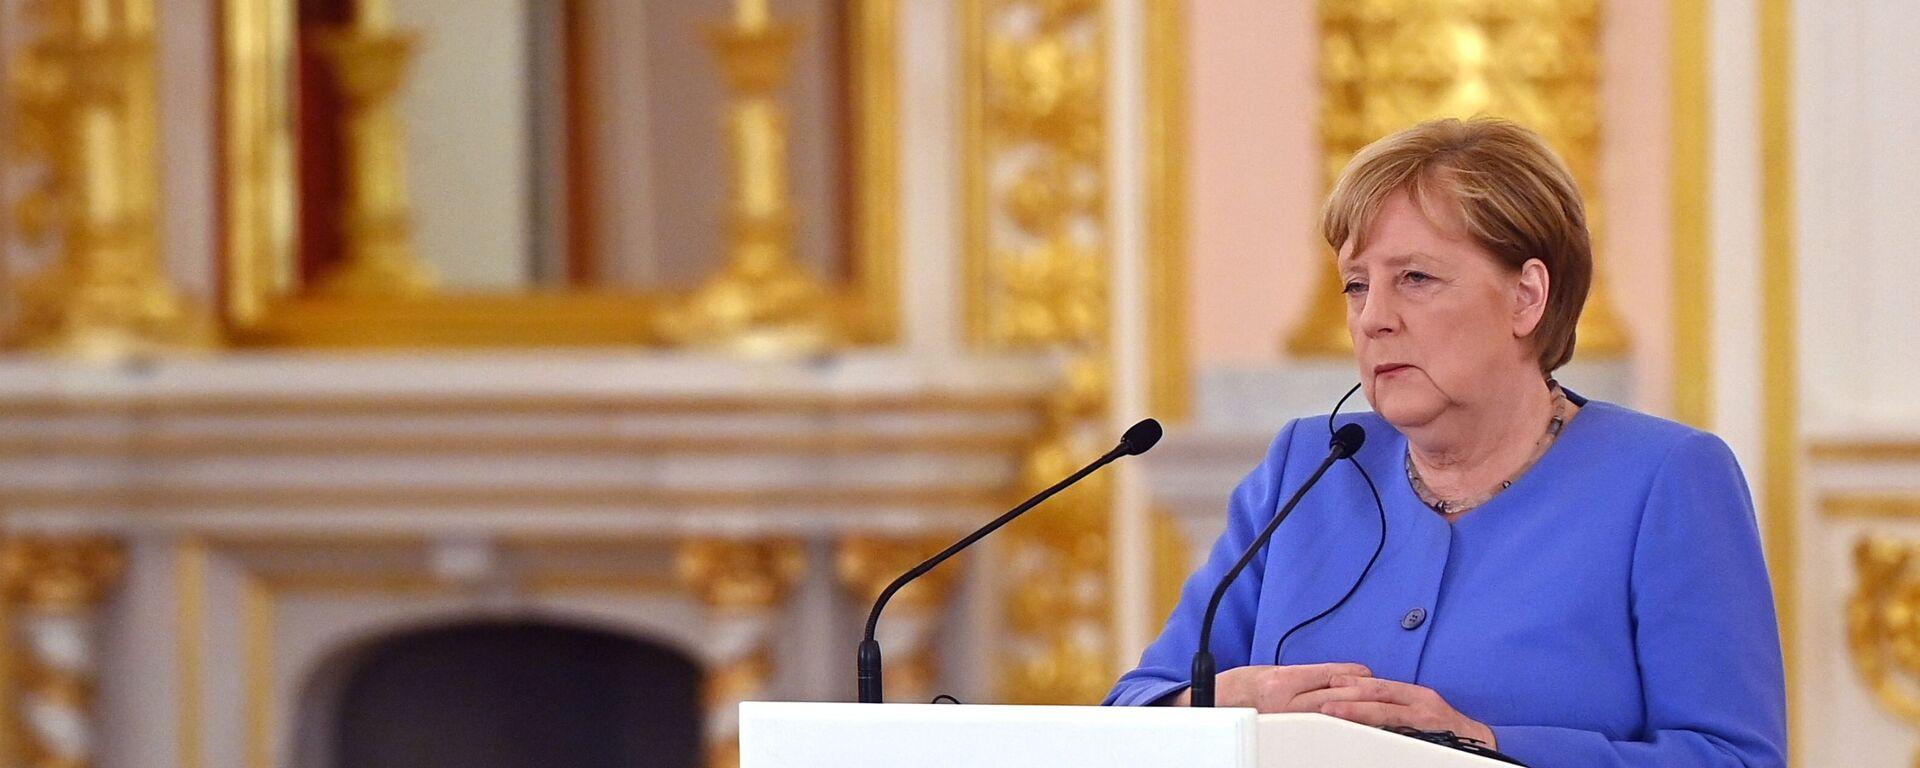 Встреча президента РФ В. Путина с канцлером Германии А. Меркель - Sputnik Абхазия, 1920, 23.08.2021